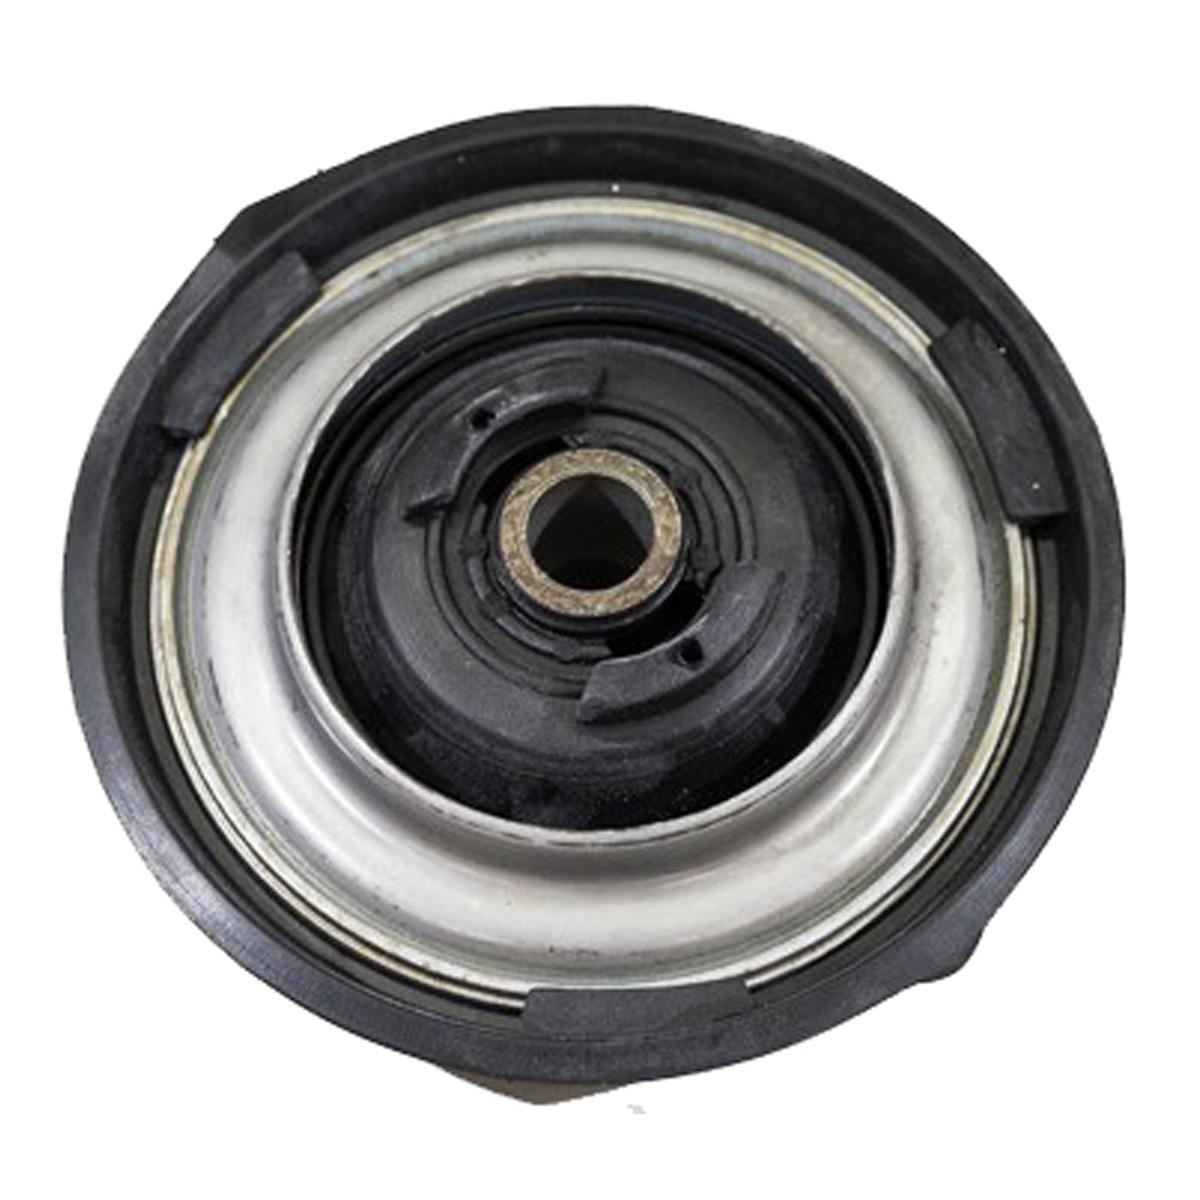 Coxim Amortecedor Dianteiro c/ Rolamento Peugeot 307 - W6007A Expedibor